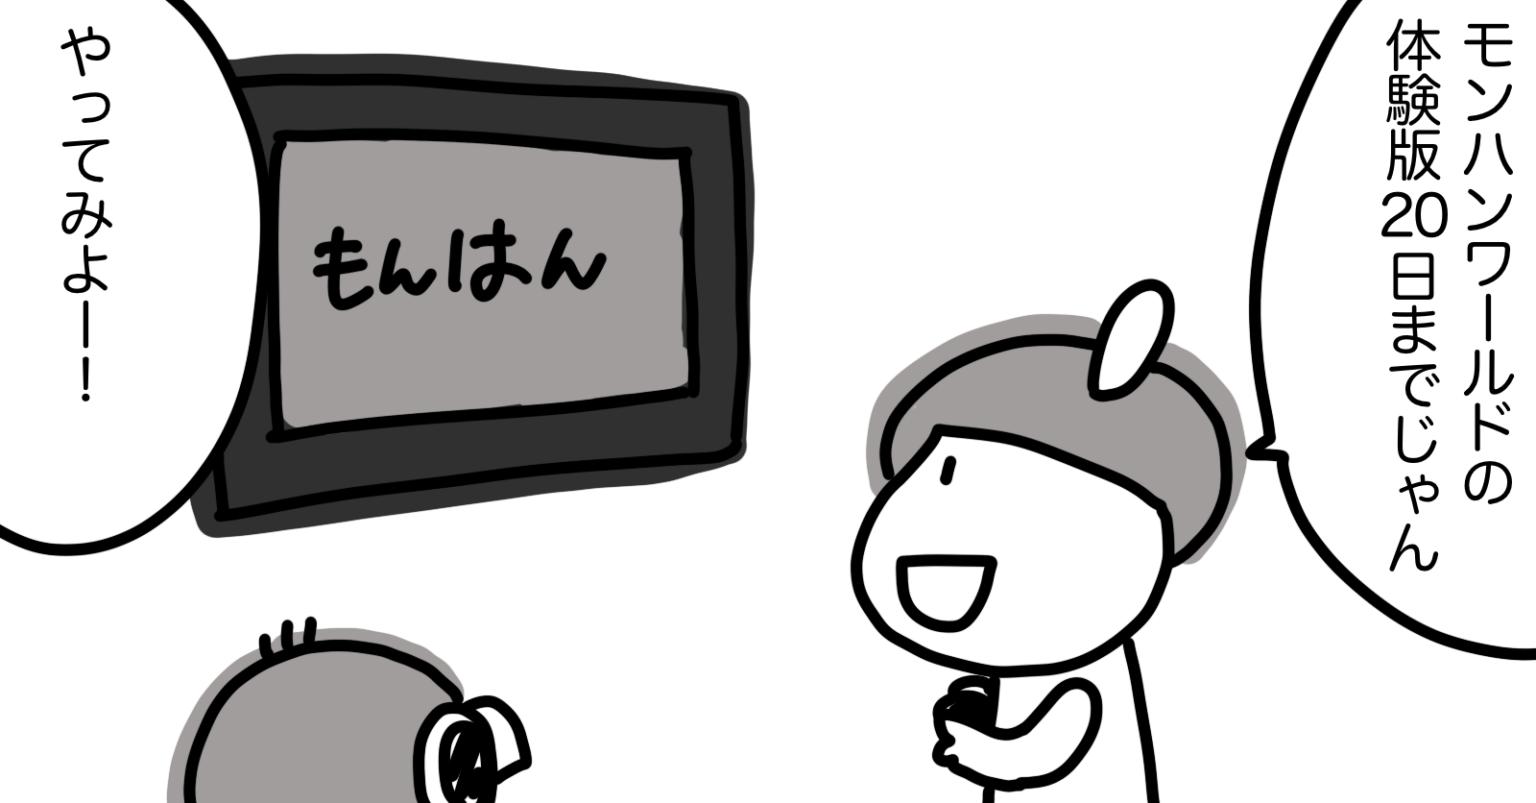 モンハンワールド漫画日記:今さらですが初体験1